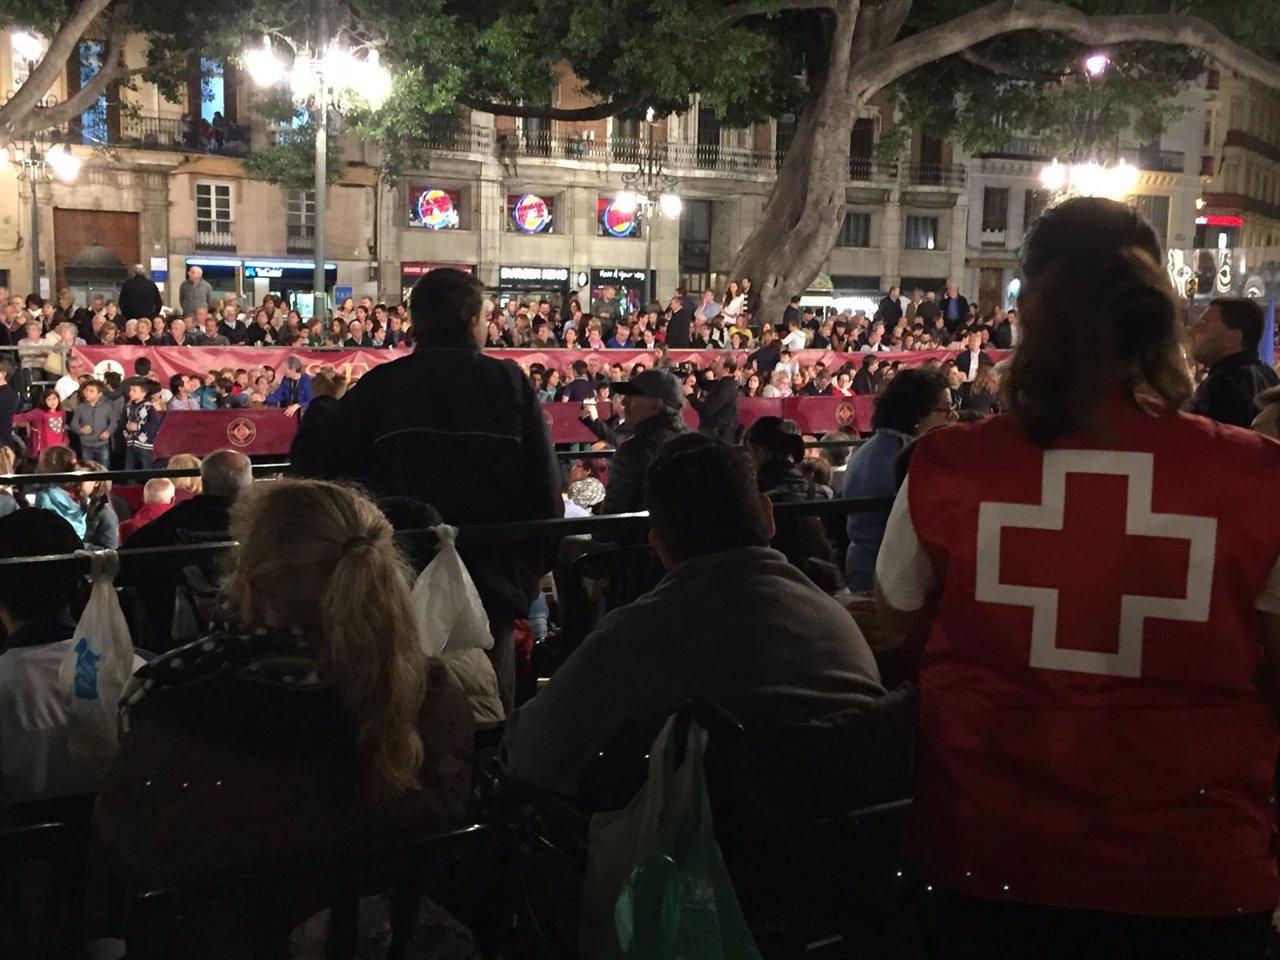 Cruz Roja en Málaga durante Seman Santa